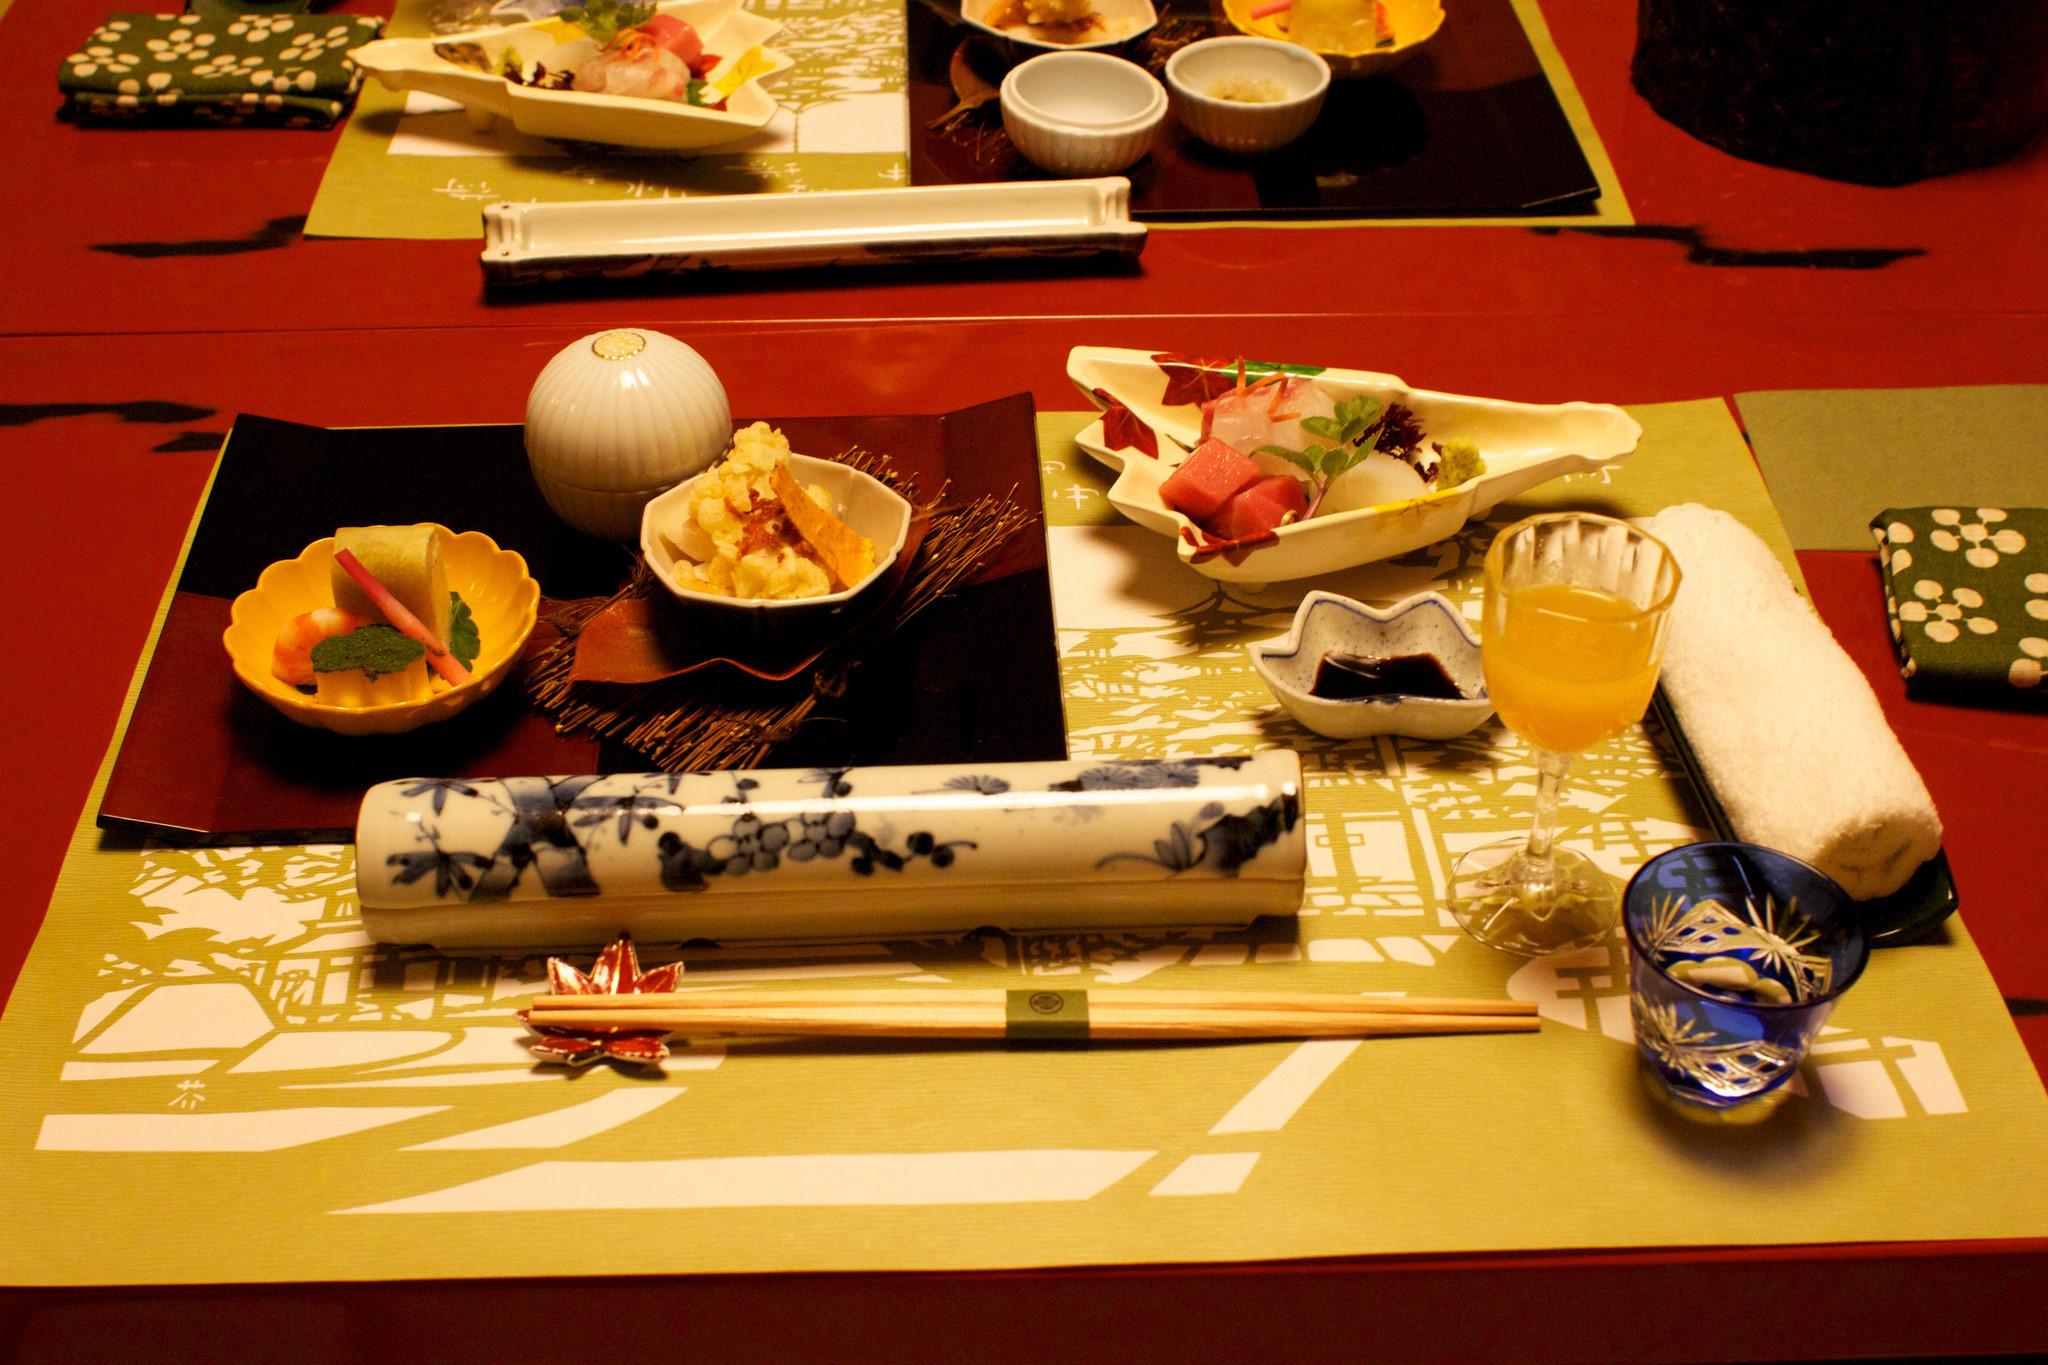 Nhật Bản,Du lịch Nhật Bản,Văn hóa Nhật Bản